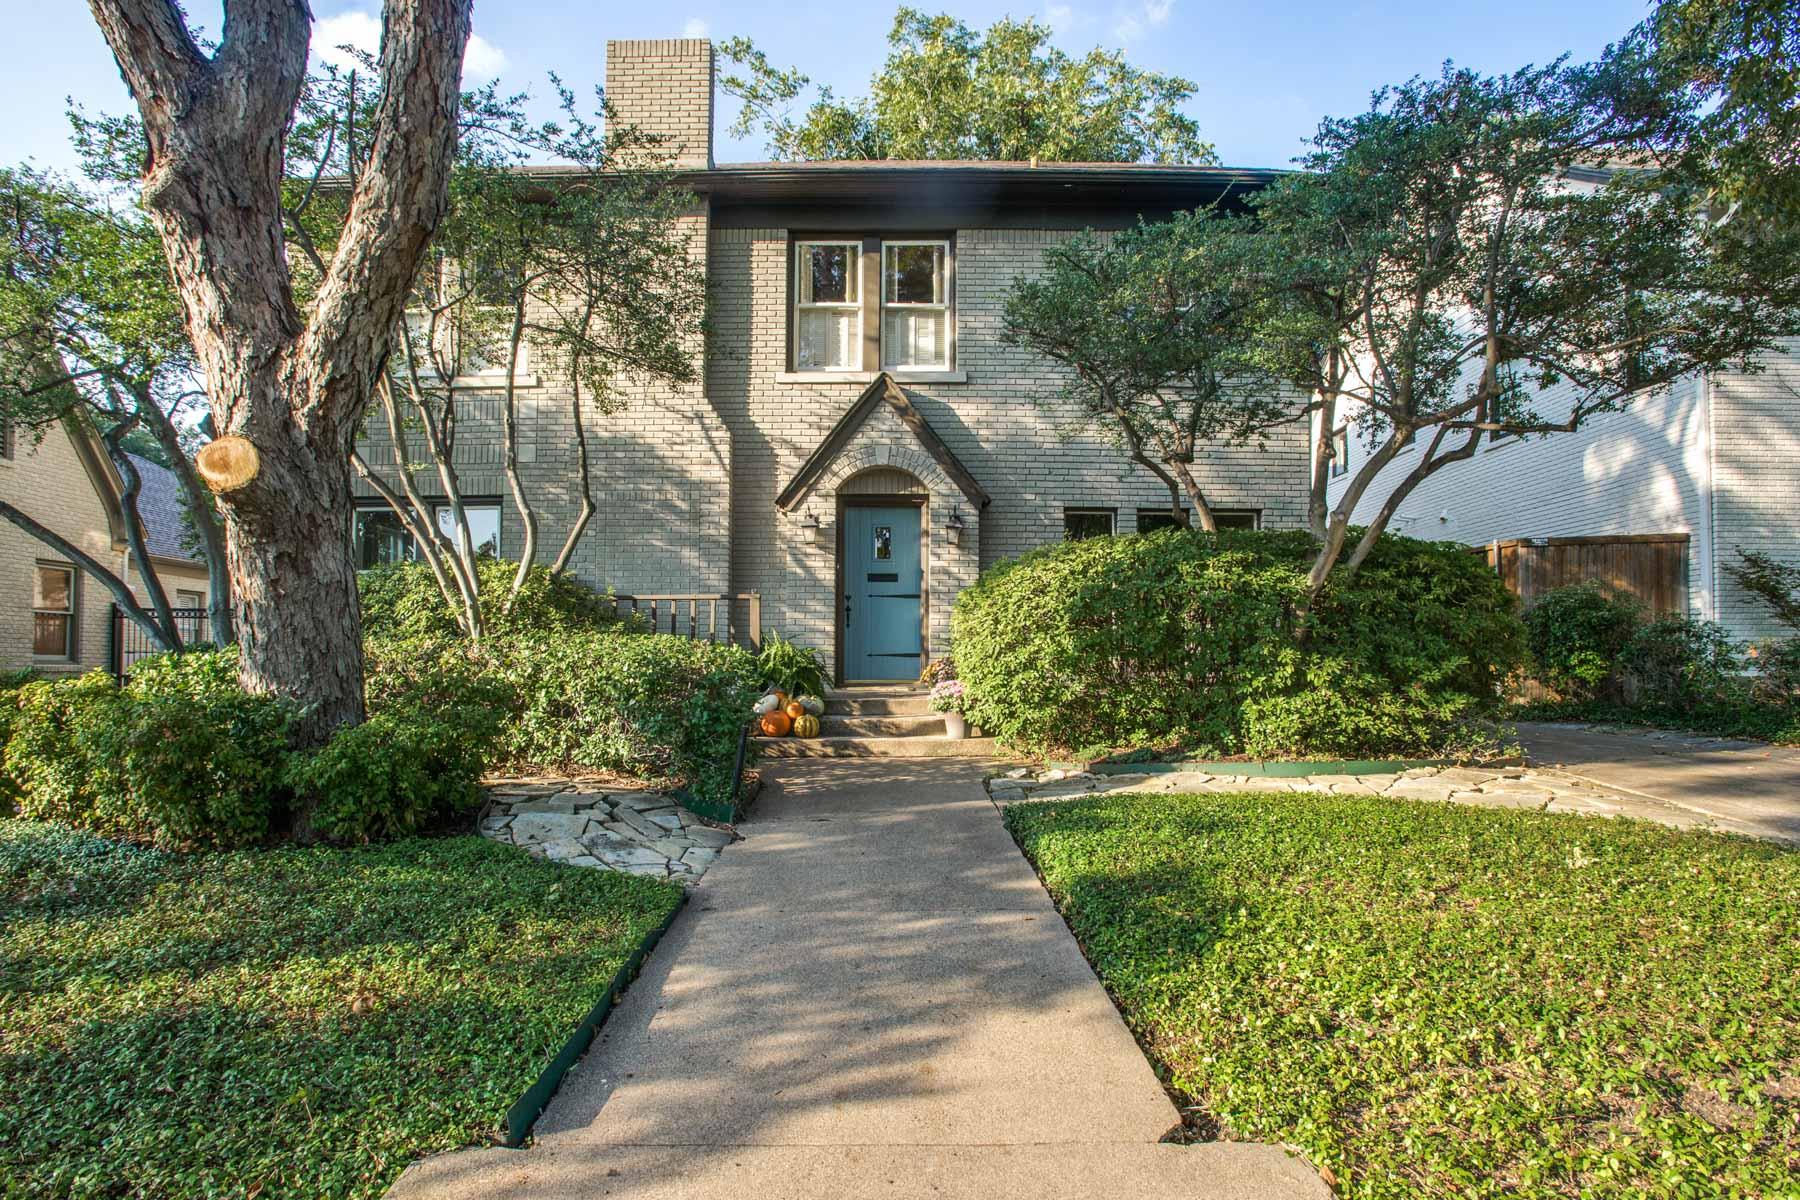 一戸建て のために 売買 アット Charming University Park Home 3520 McFarlin Boulevard Dallas, テキサス 75205 アメリカ合衆国